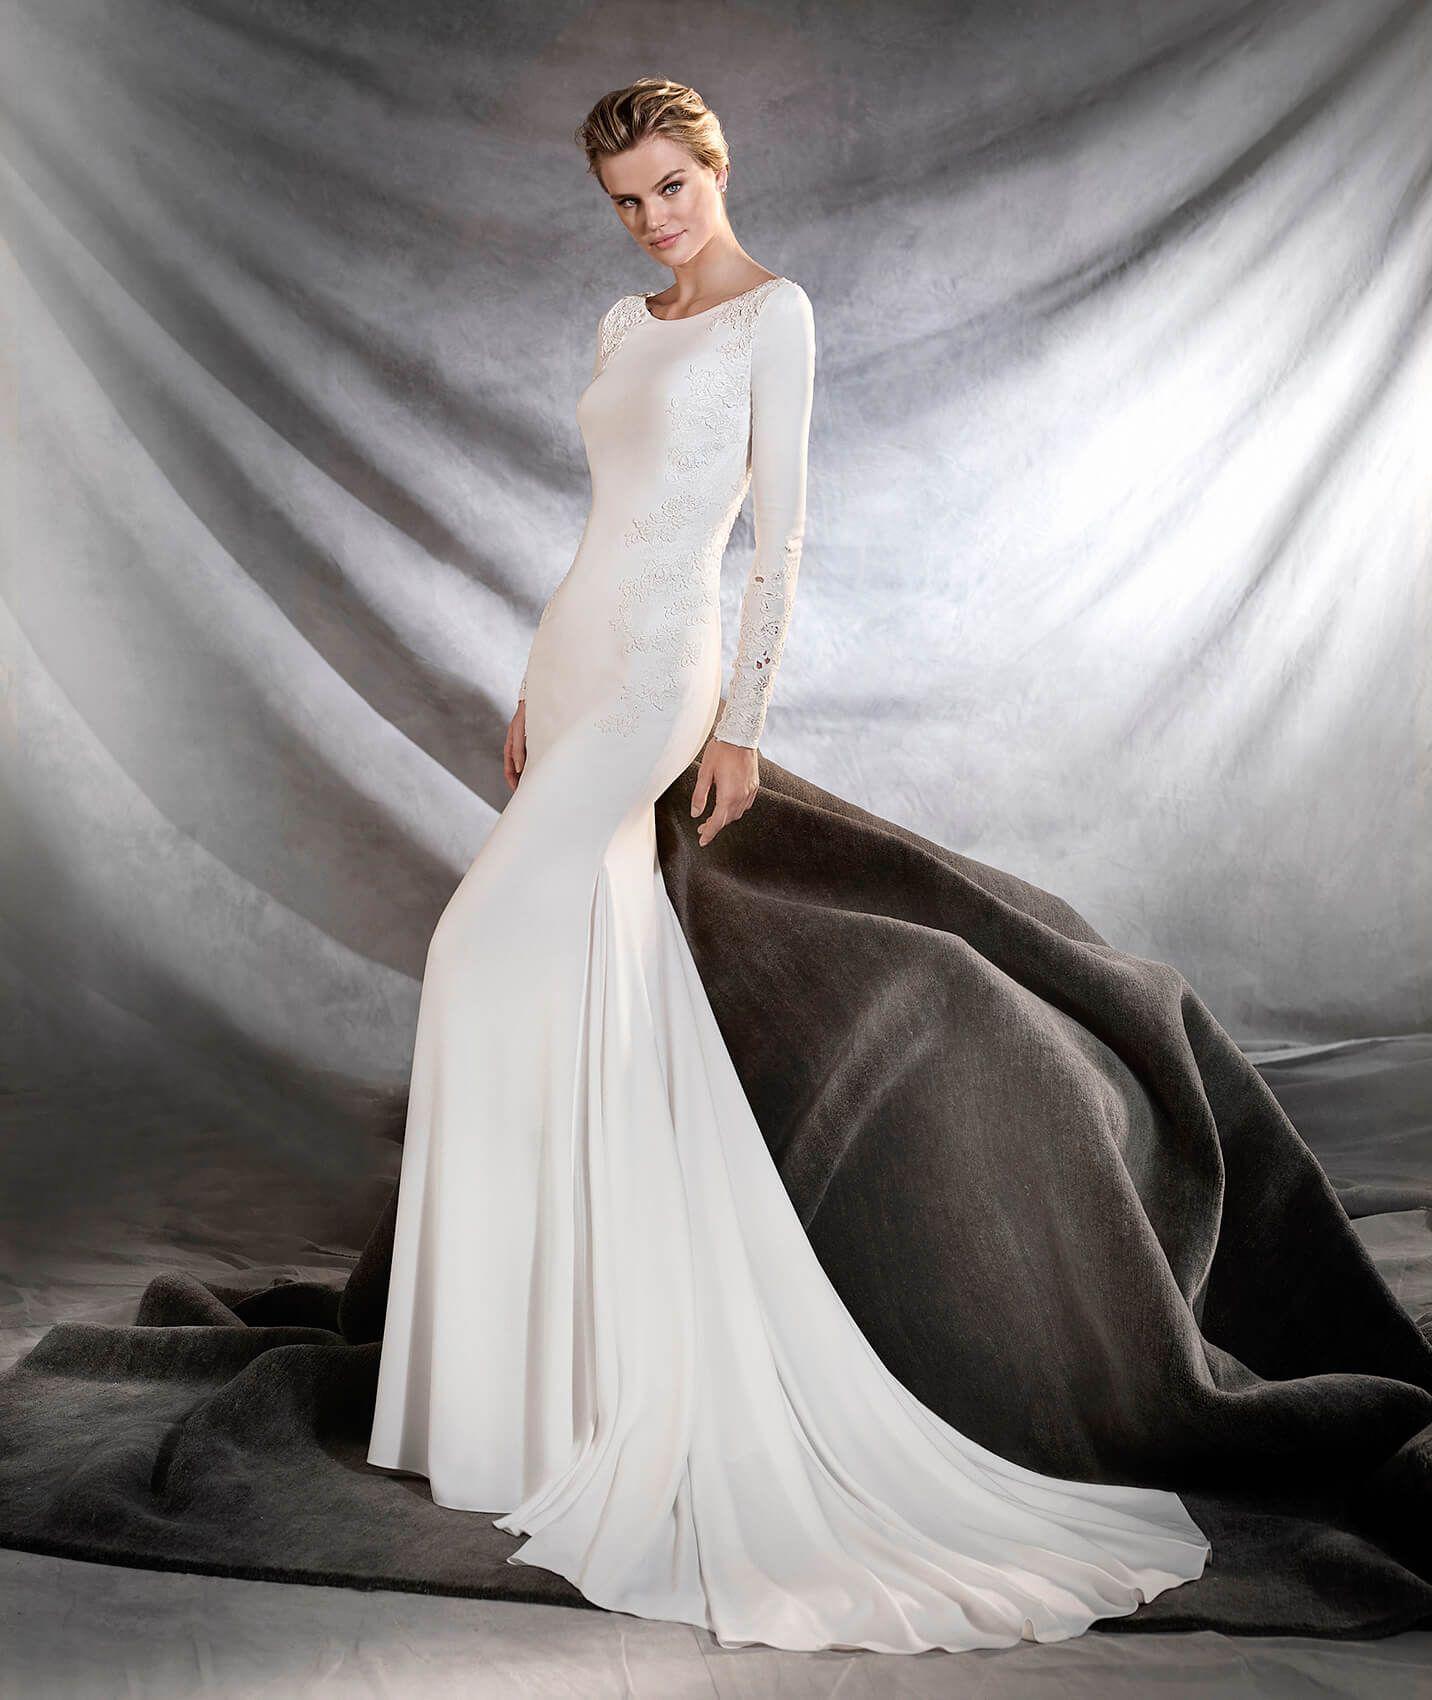 1ac9a6d3eda9 ORQUIDEA - Vestido de novia de escote barco | Vestidos de novia ...